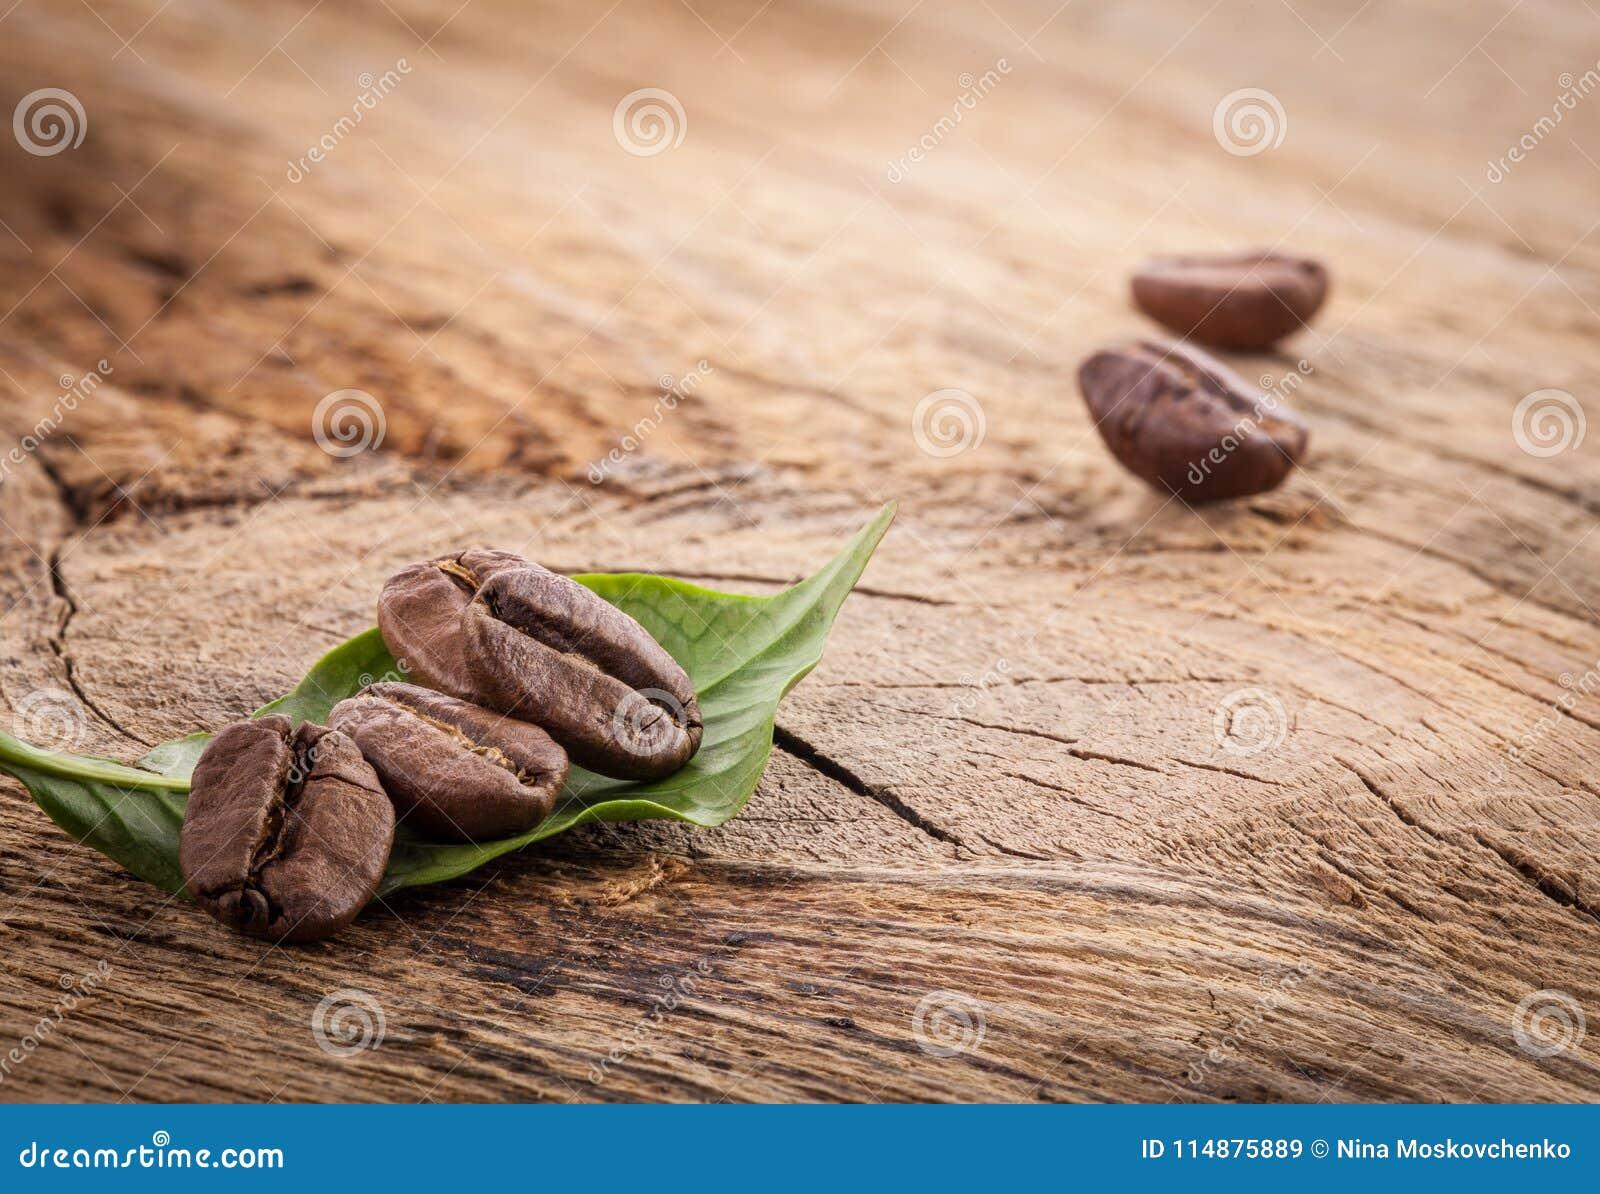 Grãos de café e folha verde no grunge de madeira